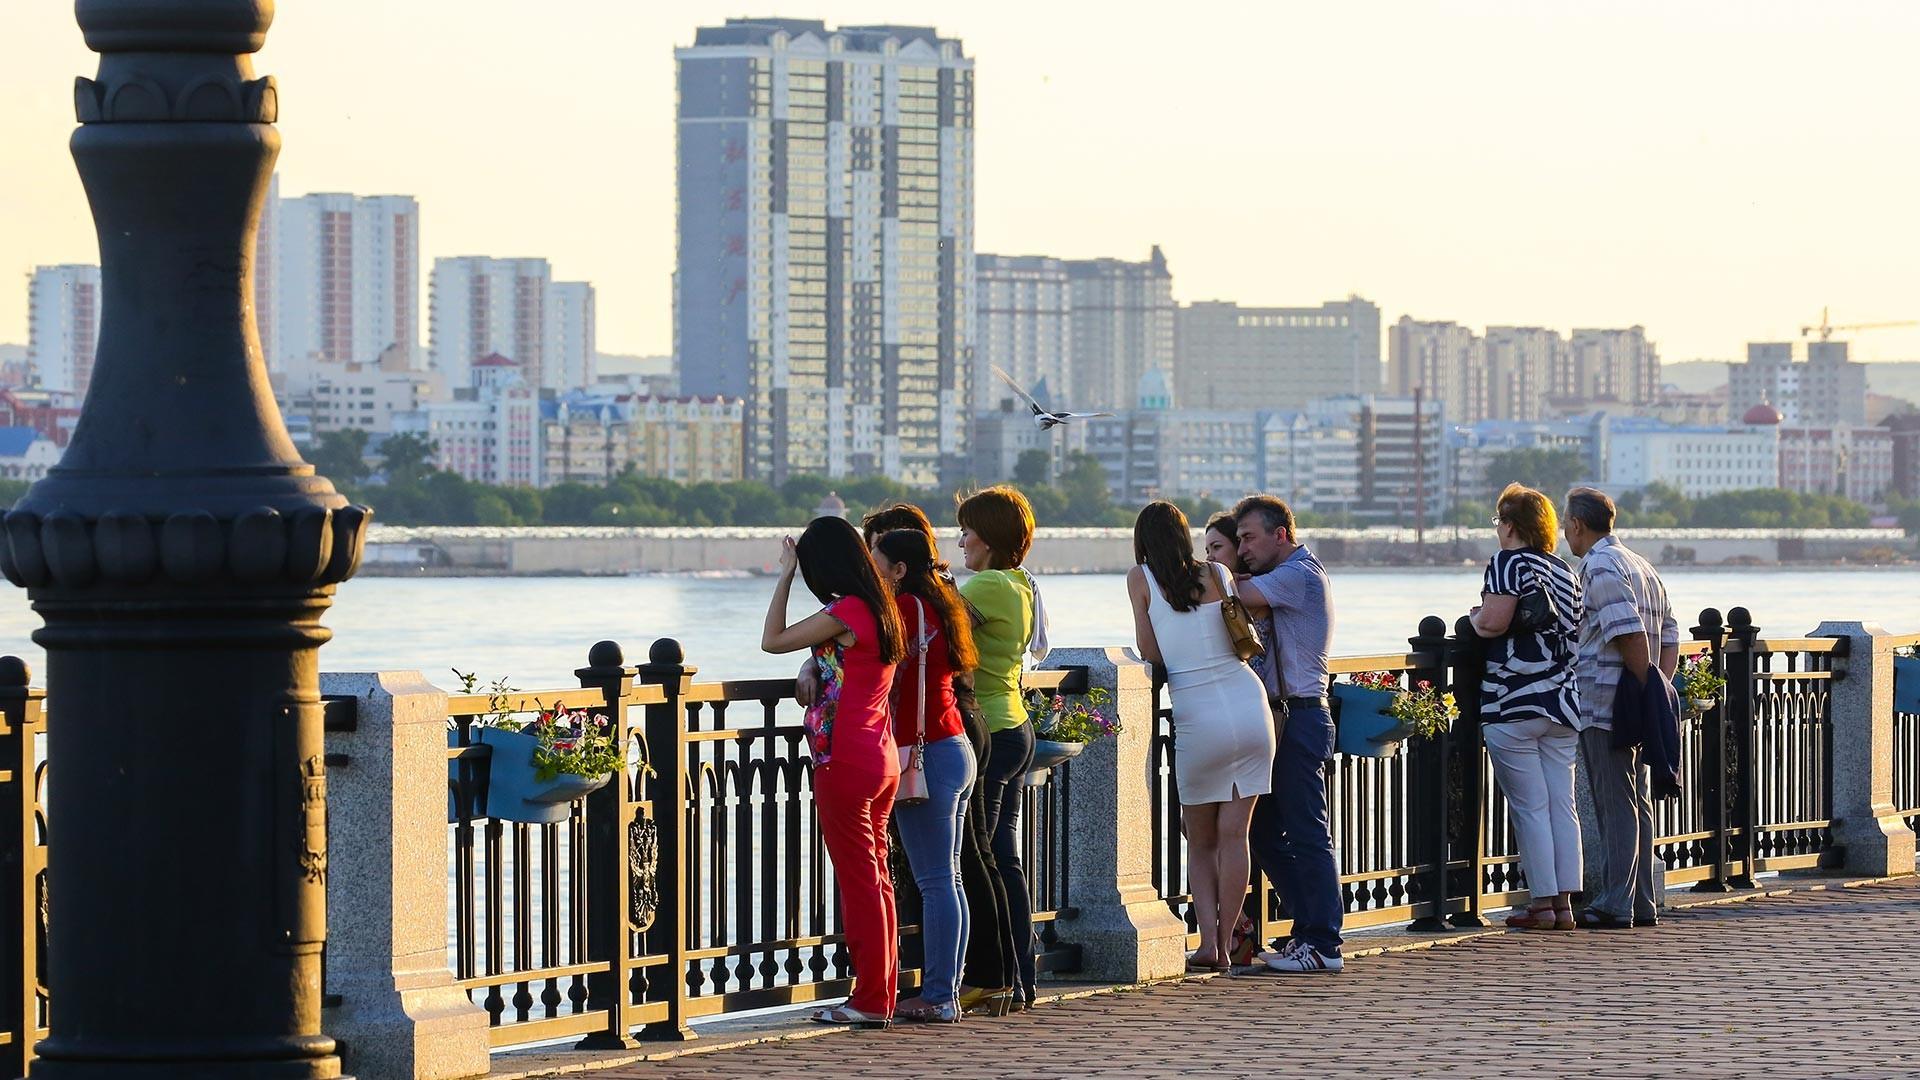 Blagoveshchensk. Vista del terraplén del río Amur y de la ciudad de Heihe.